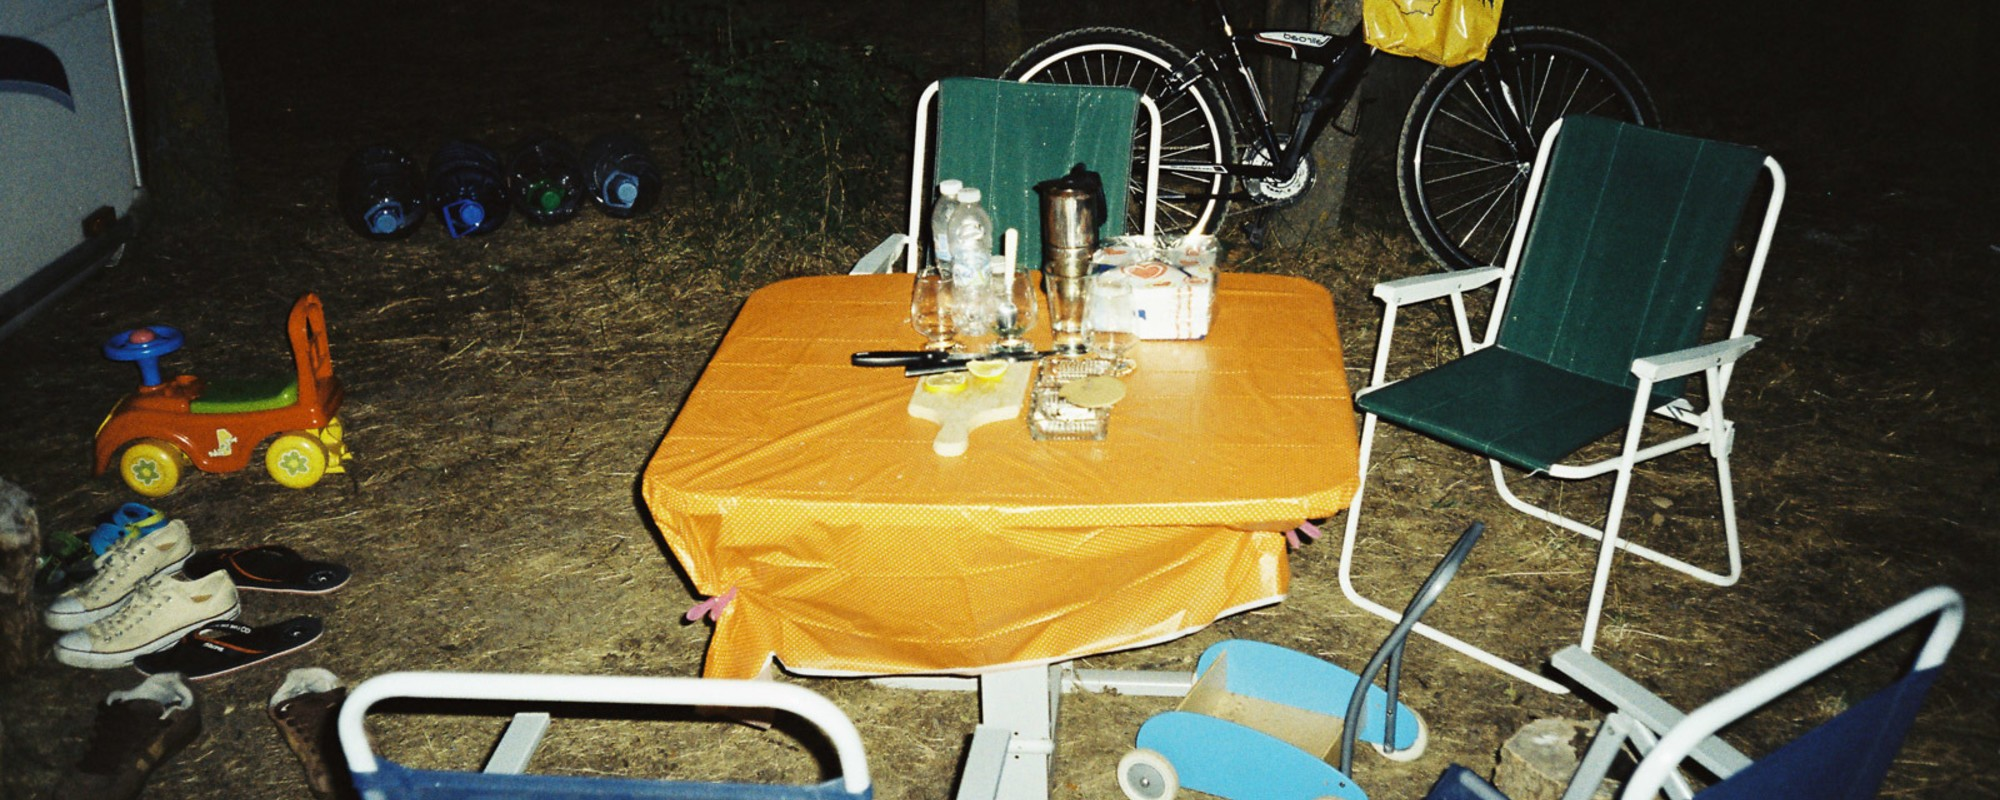 Fotografii cu pustietatea vieții la cort, lângă plaja Krapets din Bulgaria